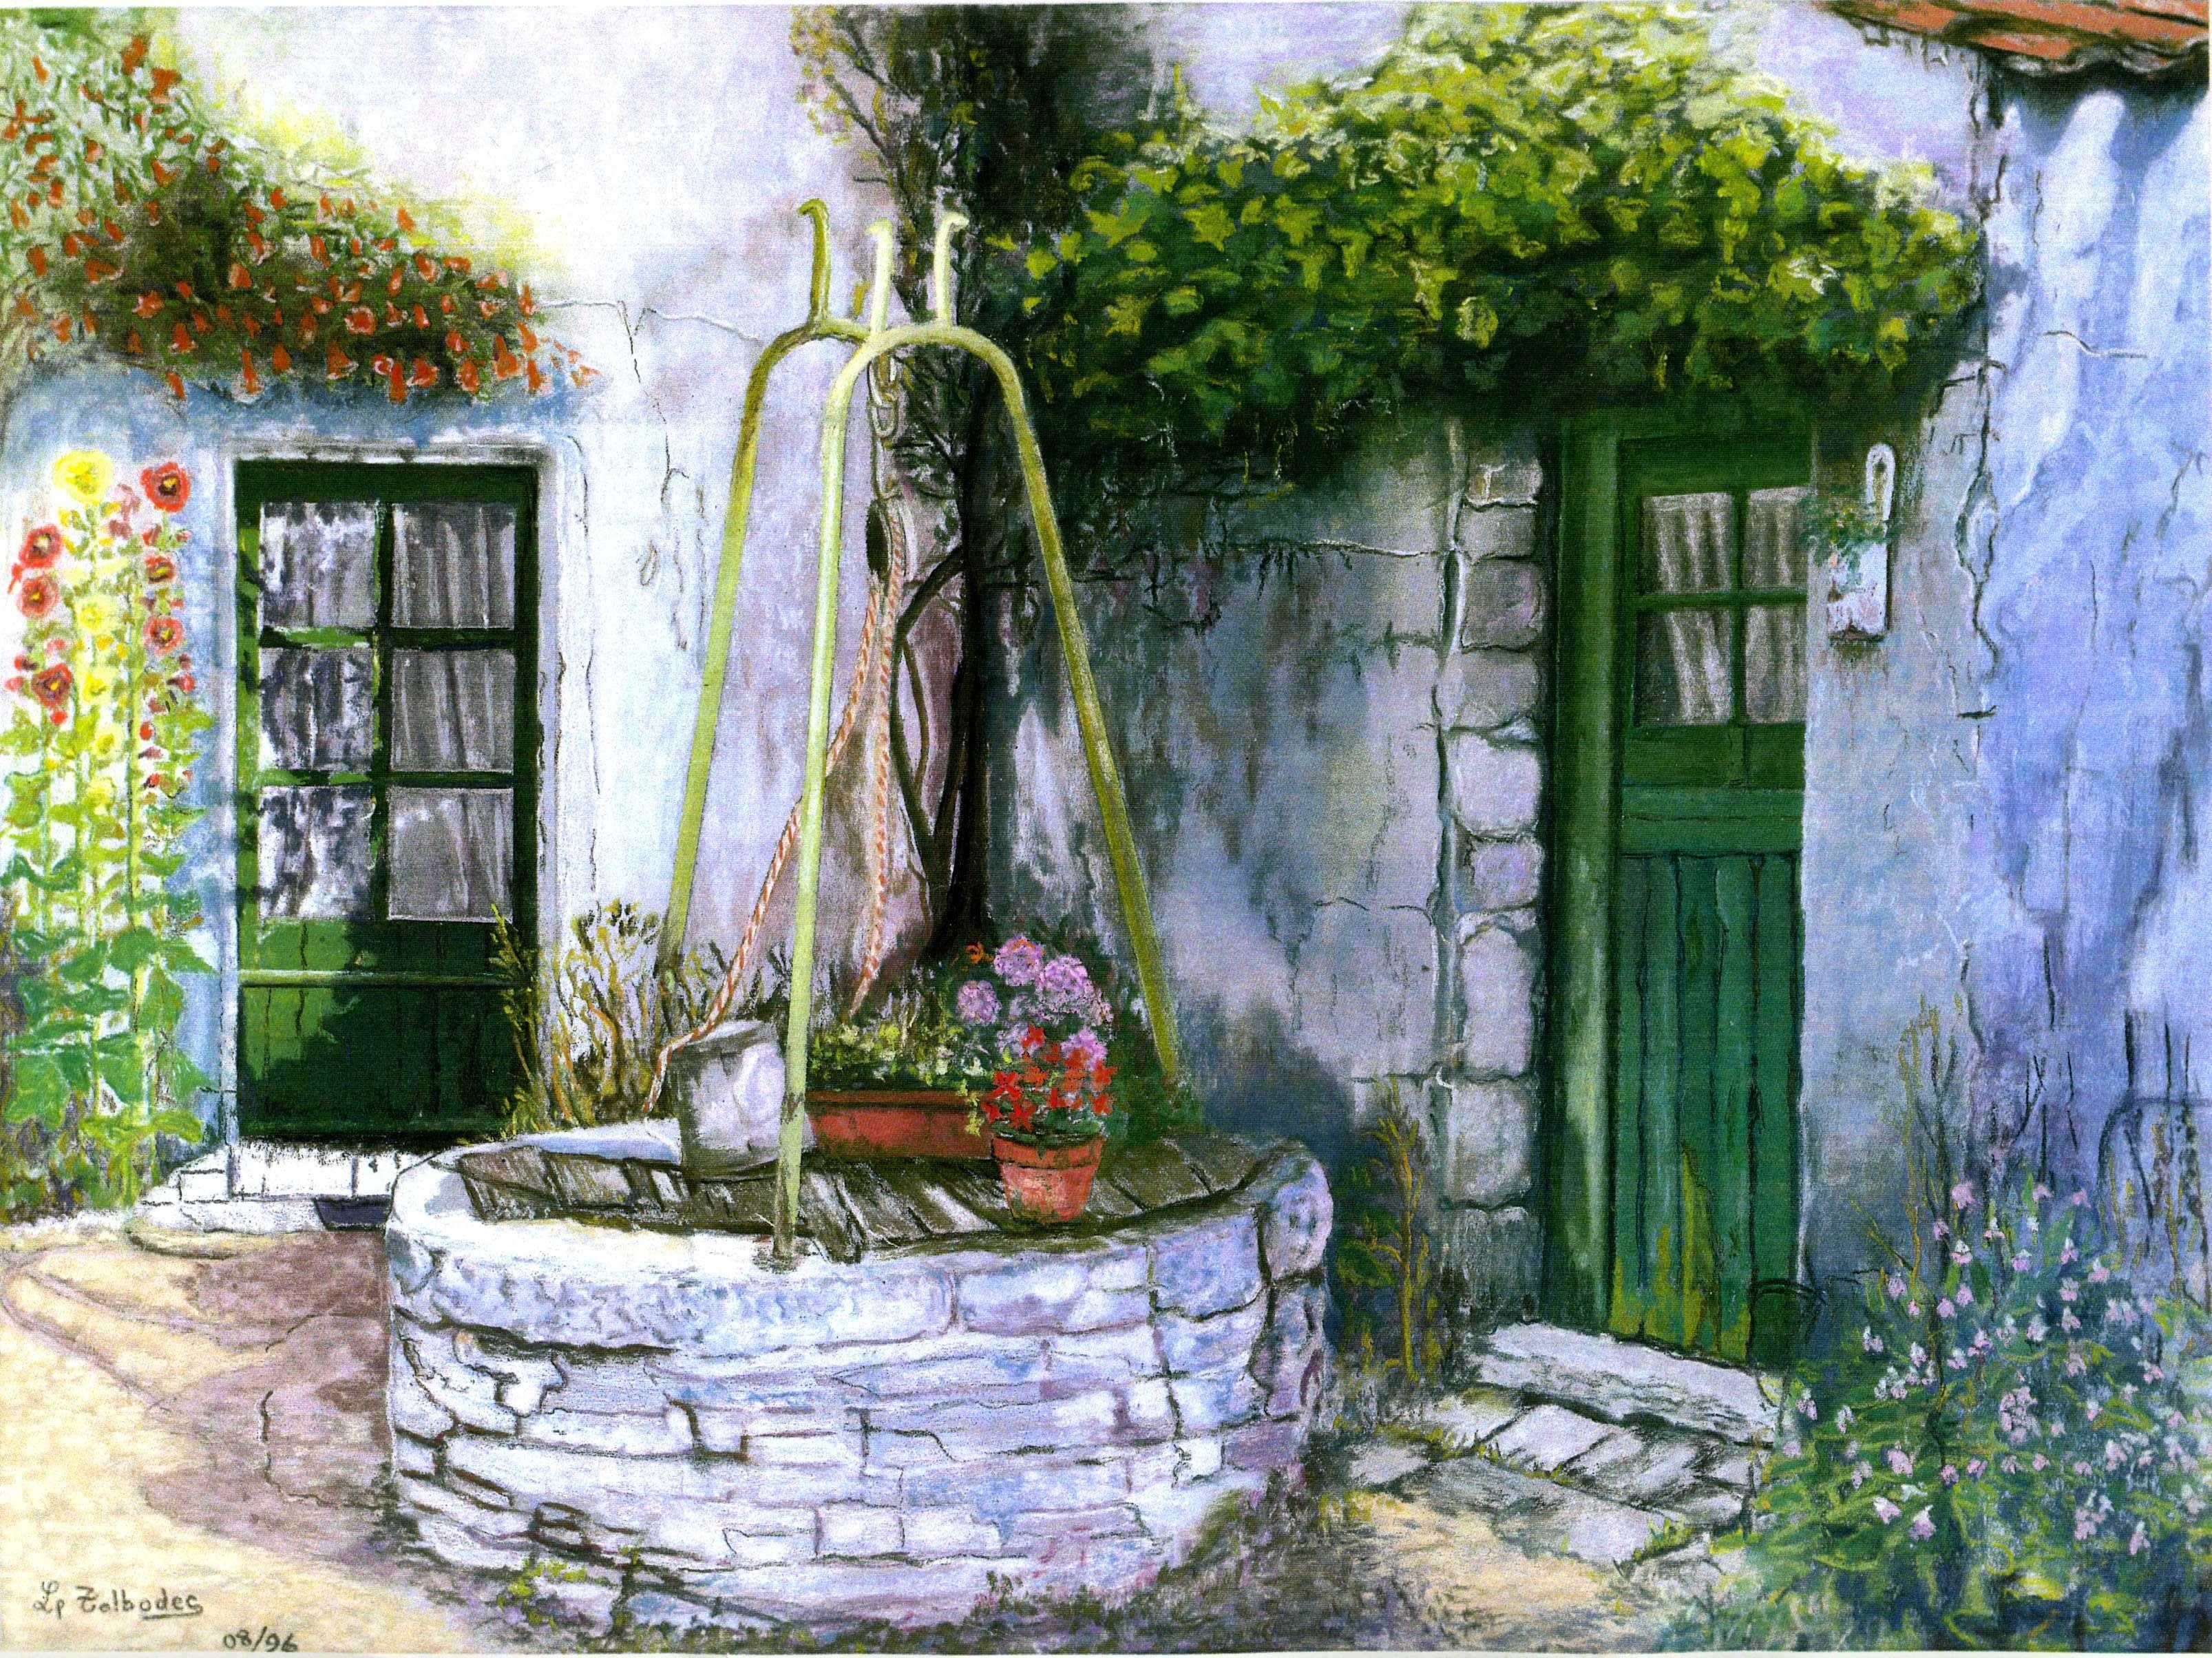 Puits Et Treille Sur Cour Ile De Re Pastel 1996 Peinture